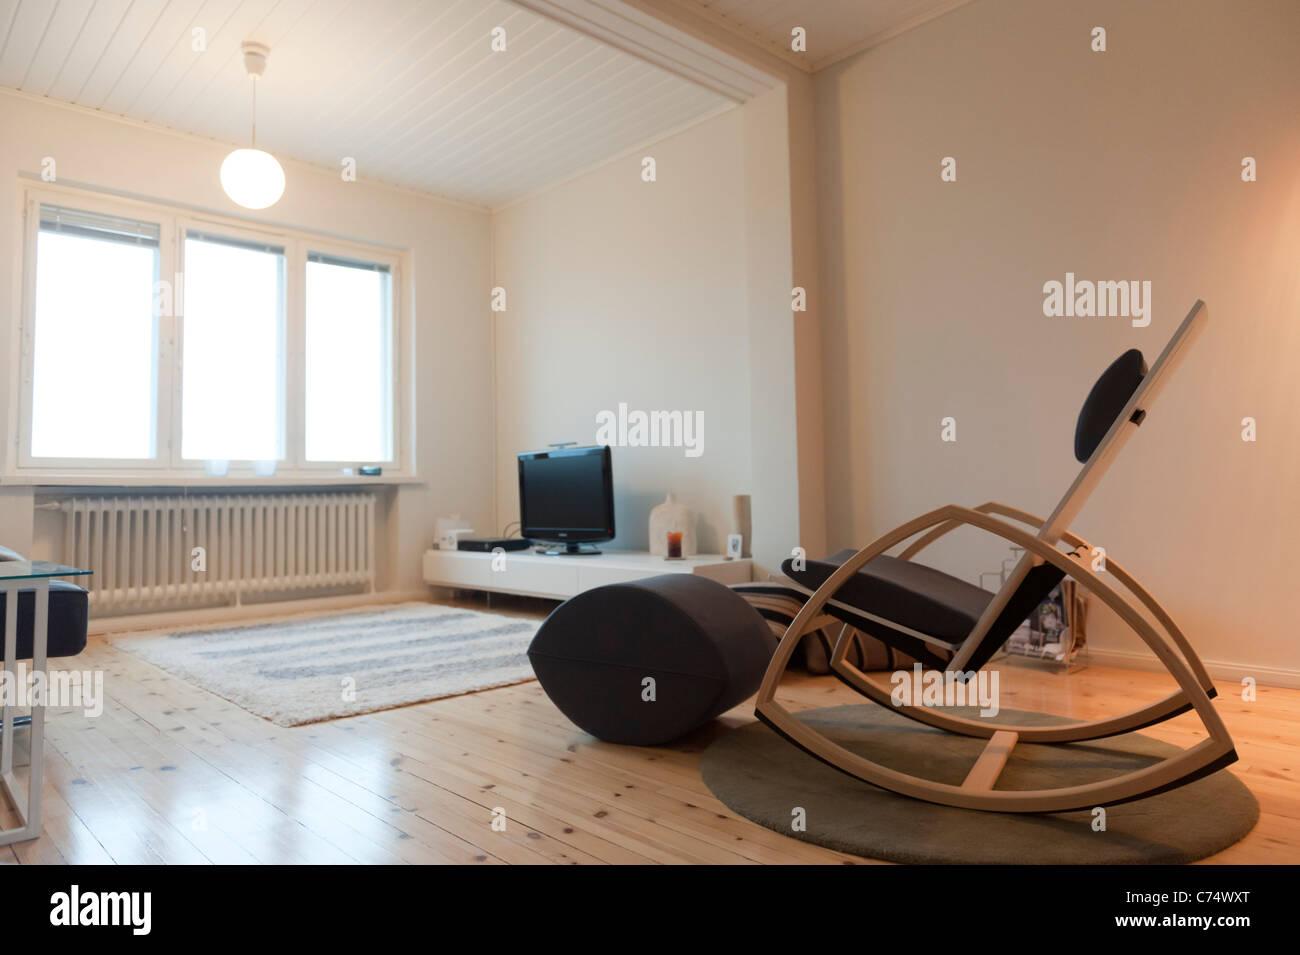 Mobilier design contemporain de Finlande dans un salon ...